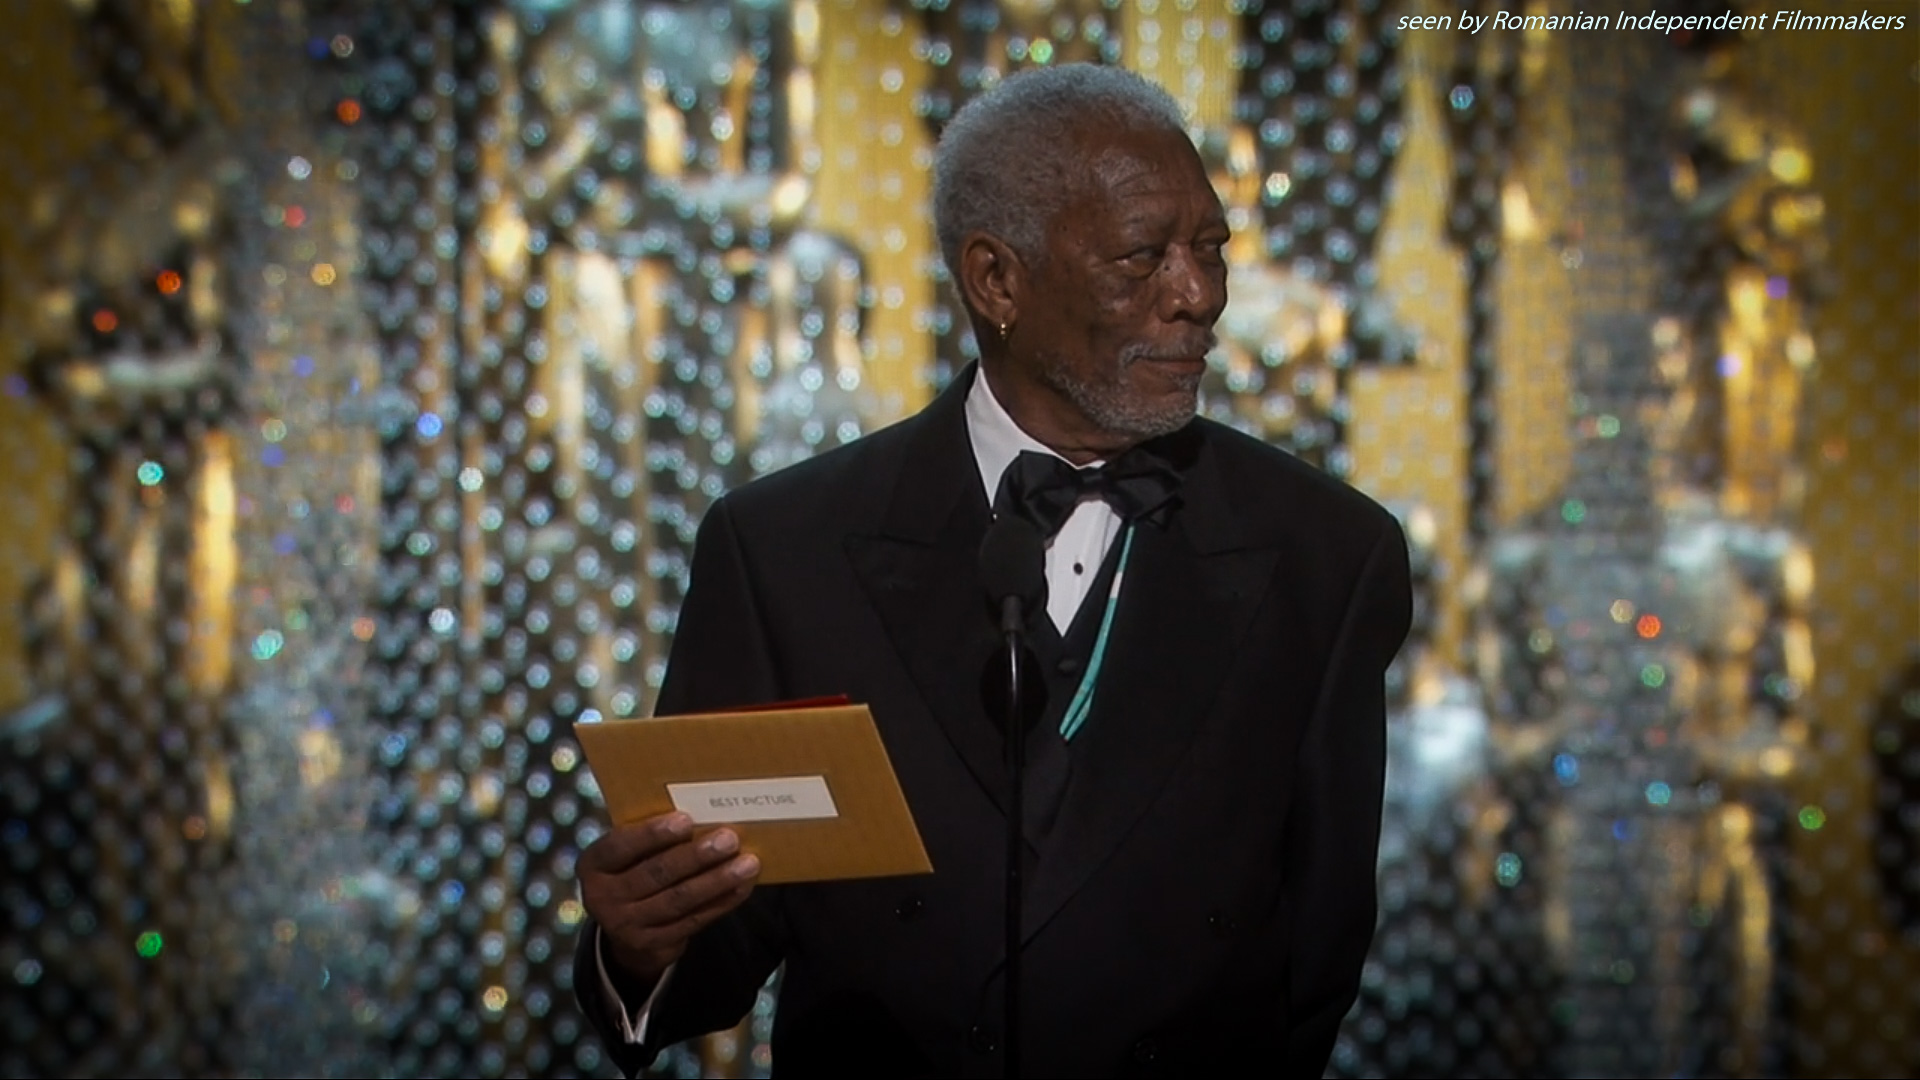 Ce s-a întâmplat la #Oscar 2016?